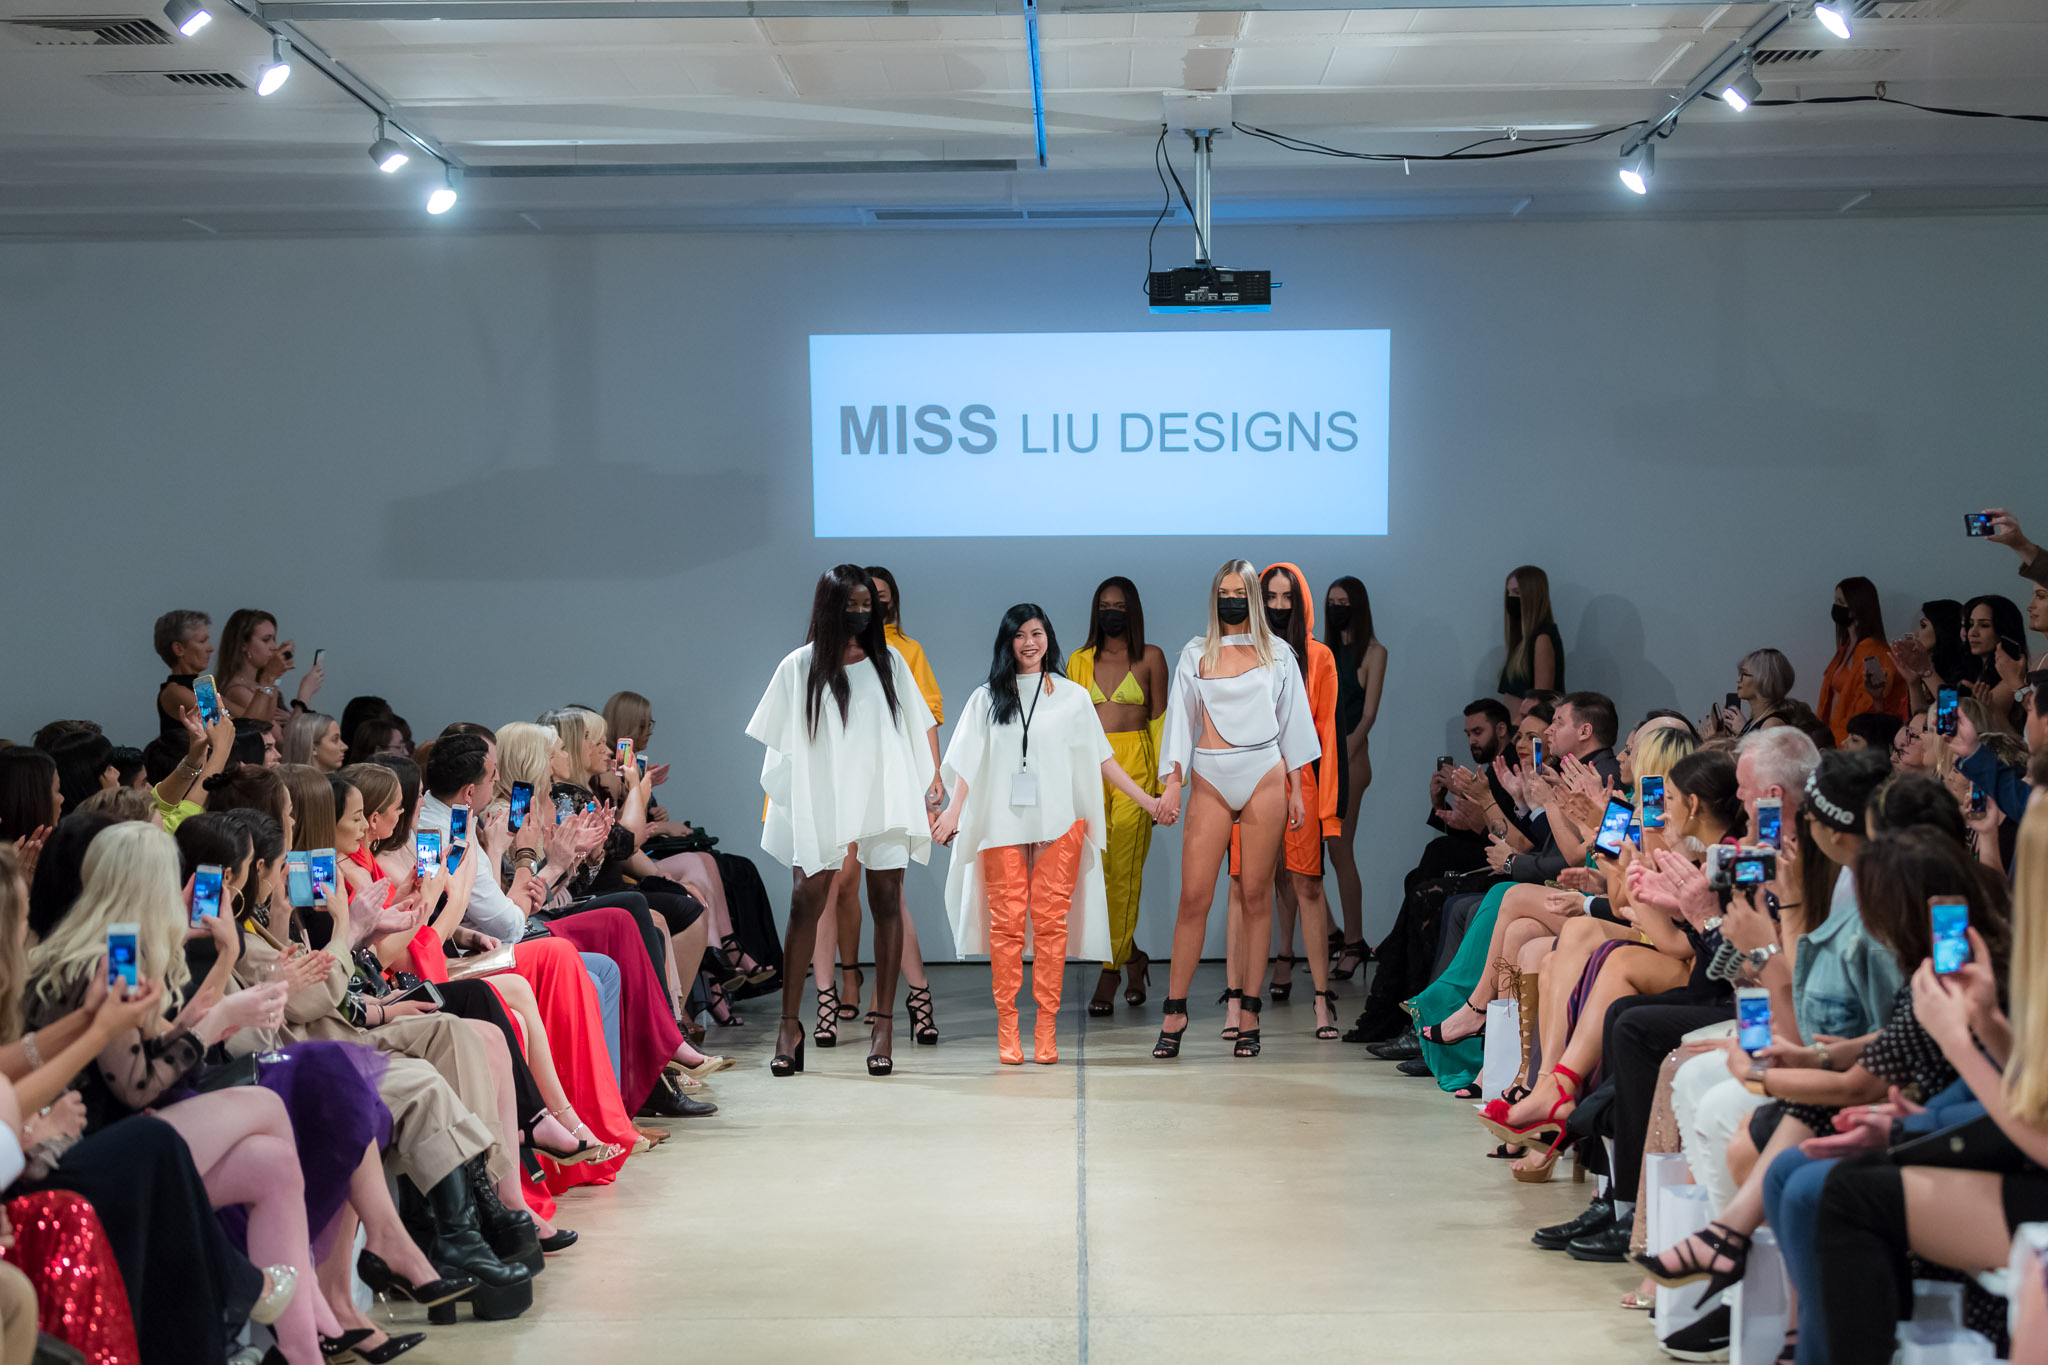 Miss Liu